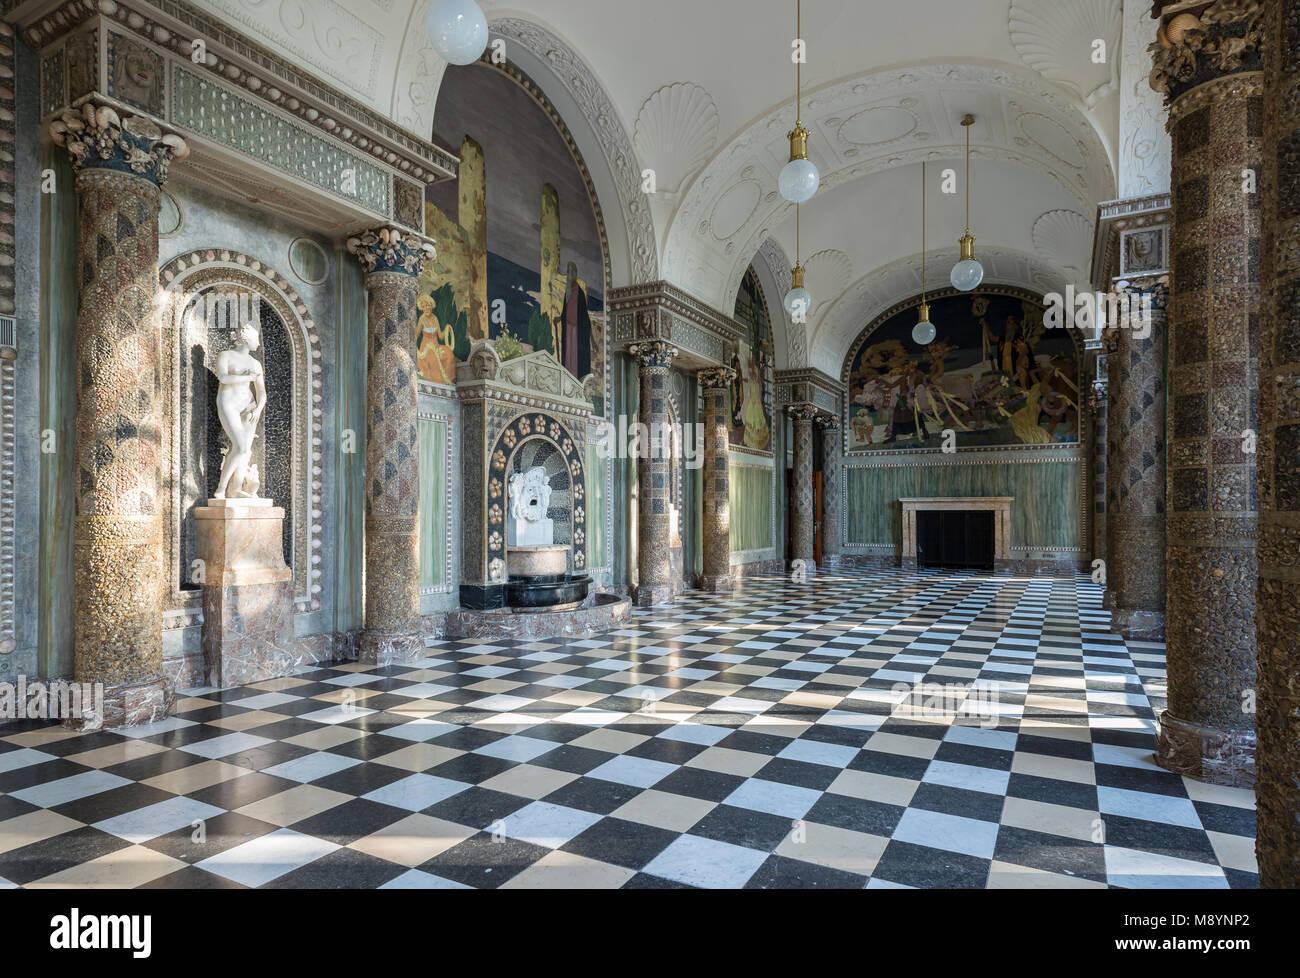 Kurhaus, Muschelsaal, Wiesbaden, Hessen, Deutschland - Stock Image